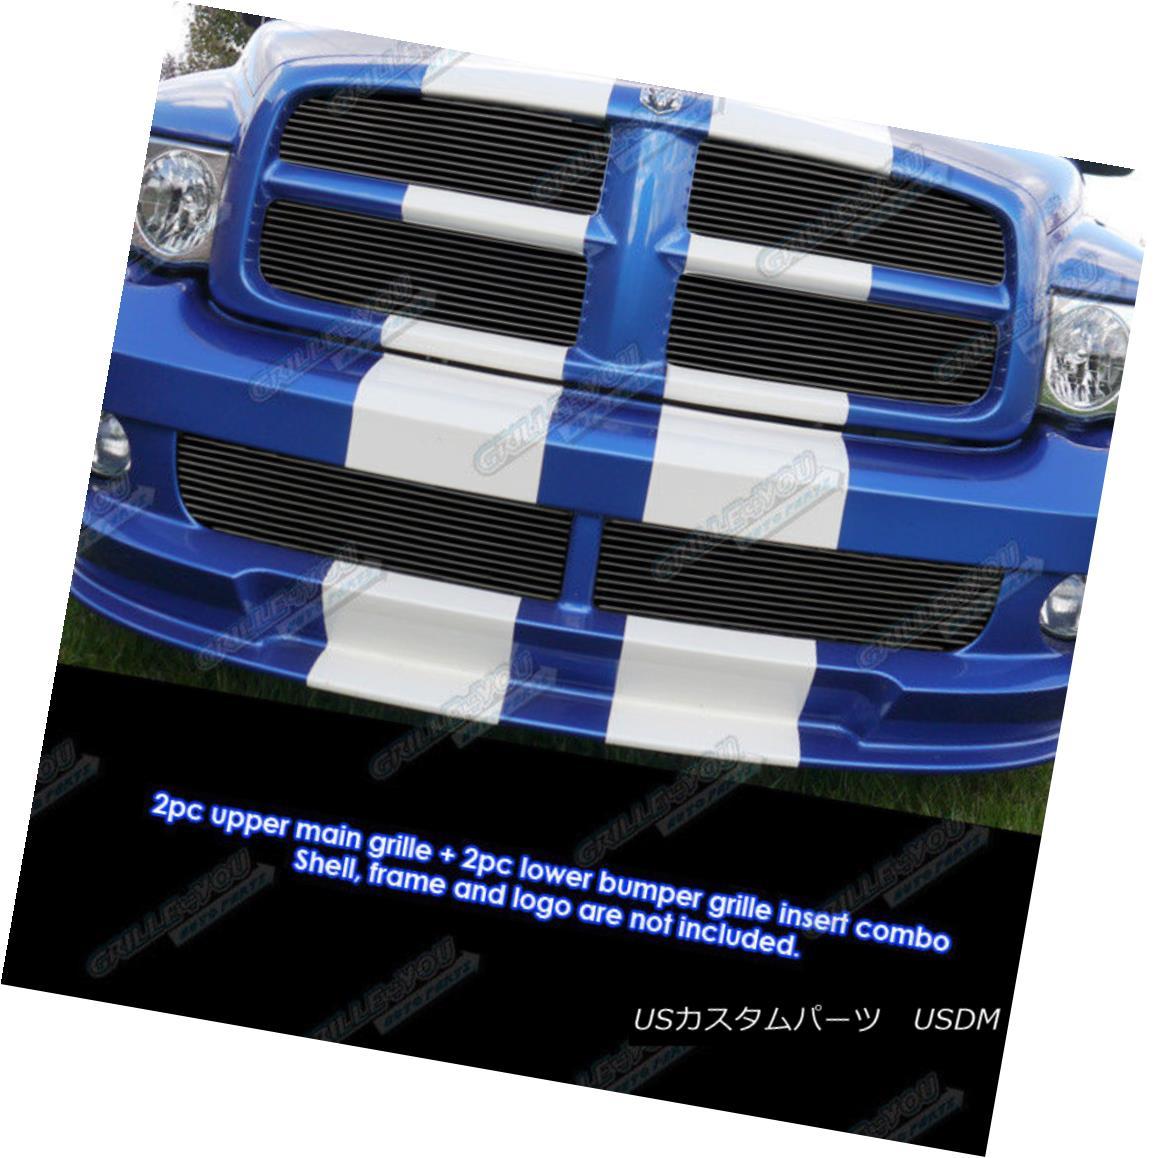 グリル Fits 2004-2005 Dodge Ram SRT 10 Black Billet Grille Combo フィット2004-2005ドッジラムSRT 10ブラックビレットグリルコンボ